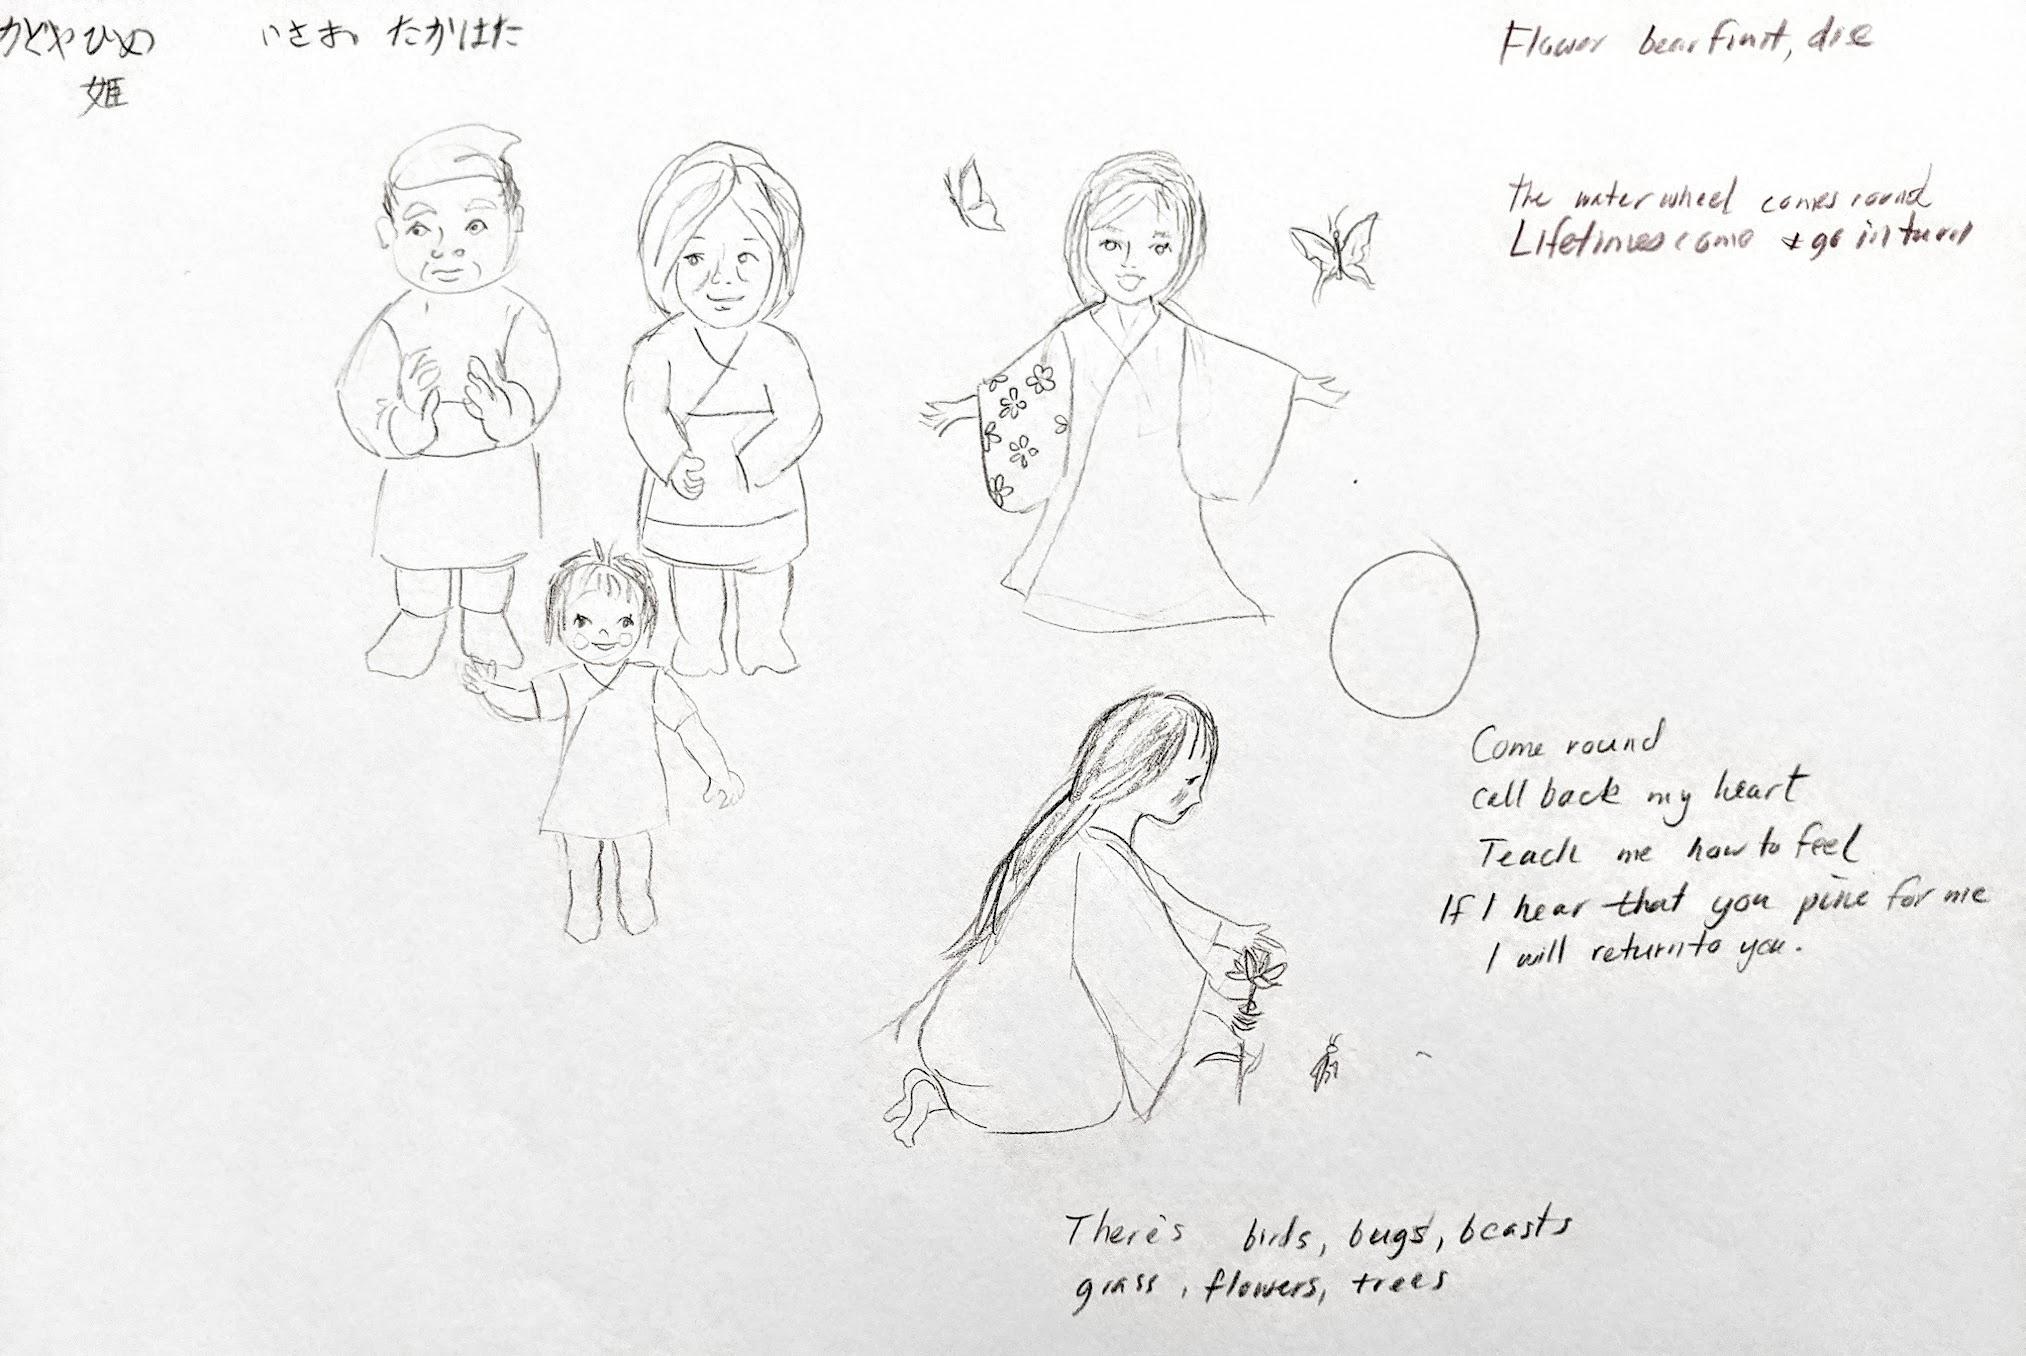 かぐや姫の物語 (The Tale of the Princess Kaguya)